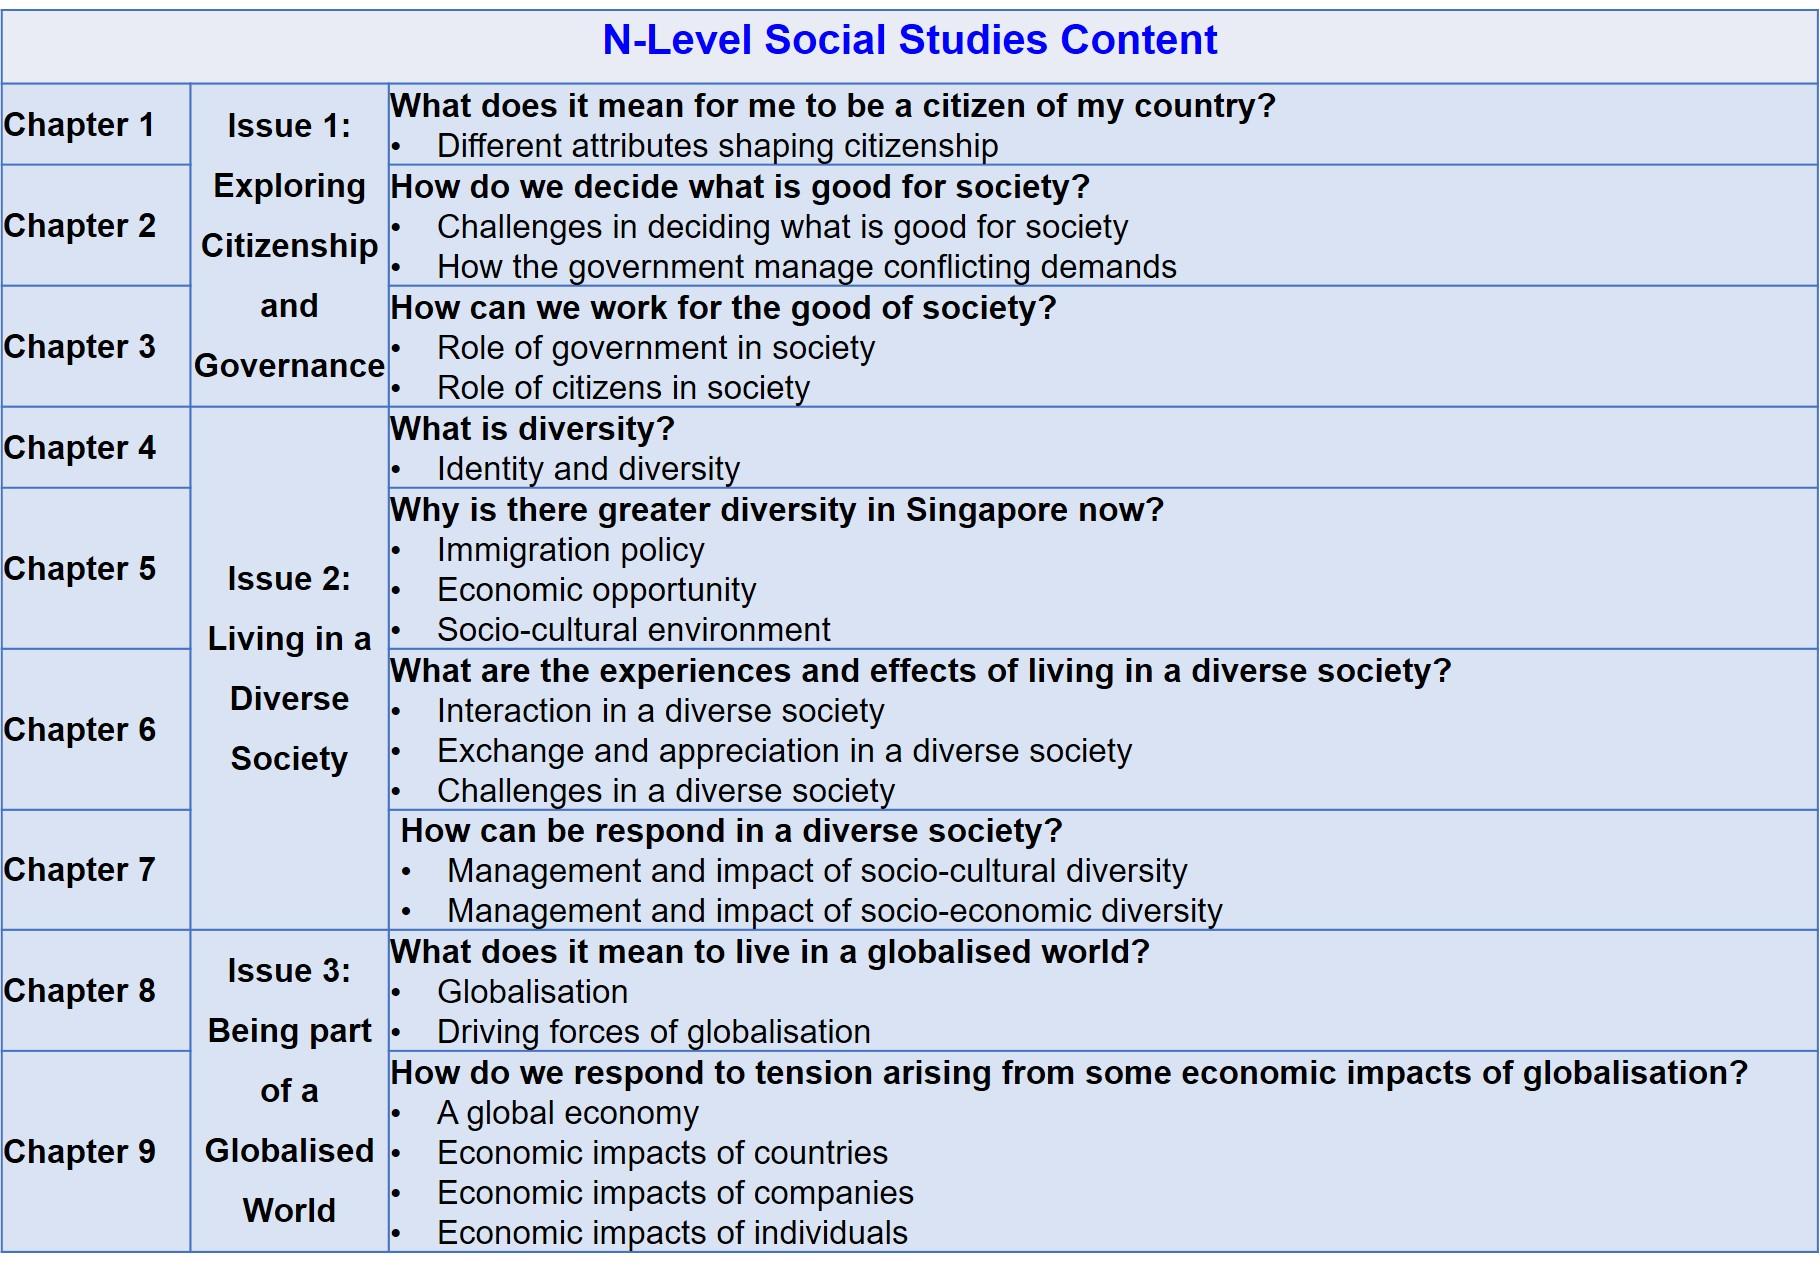 n-level social studies content